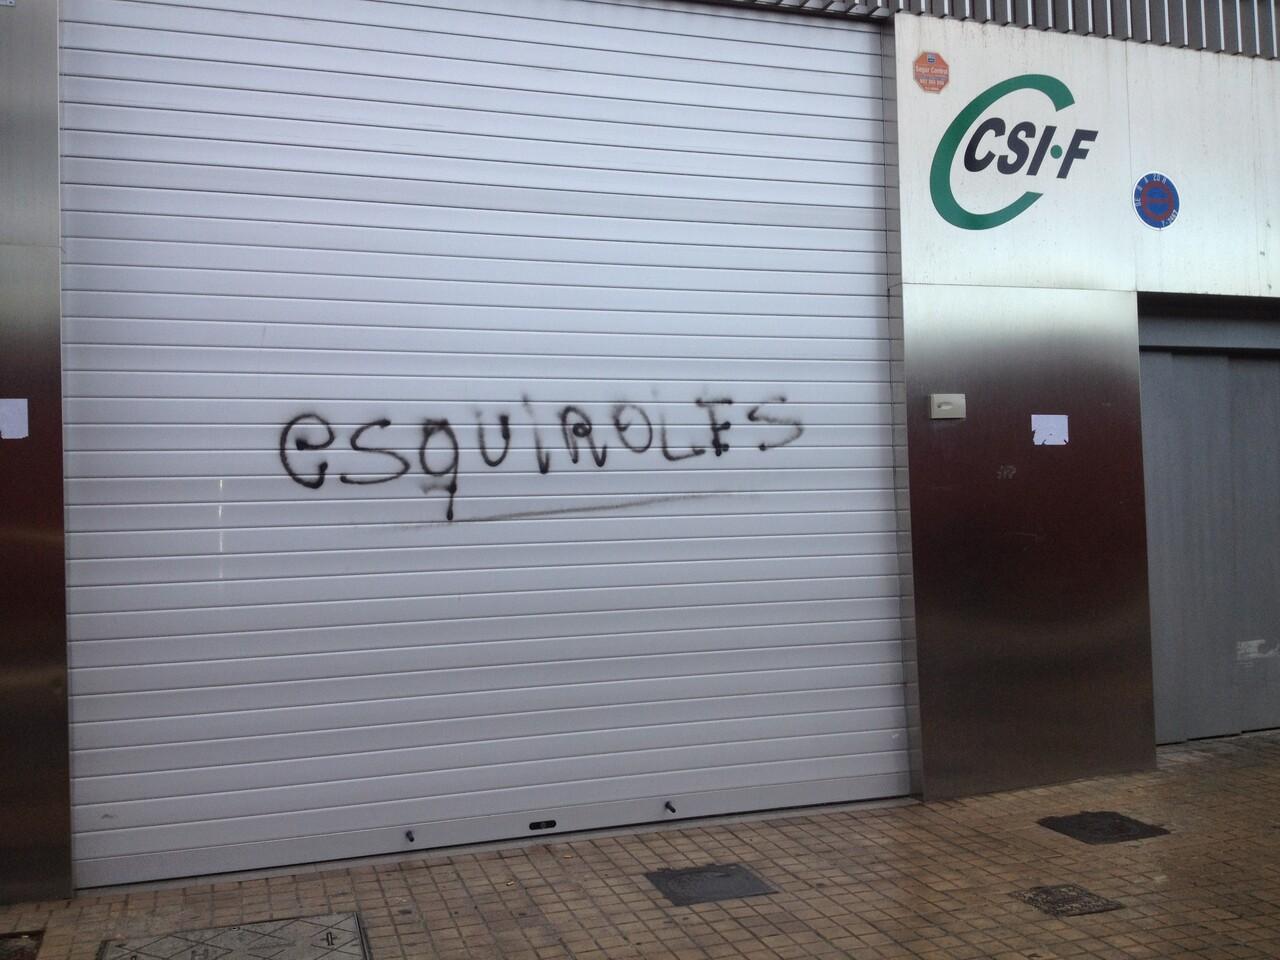 Pintada contra el CSIF por no secundar la huelga en su central sita en Ruzafa/csif